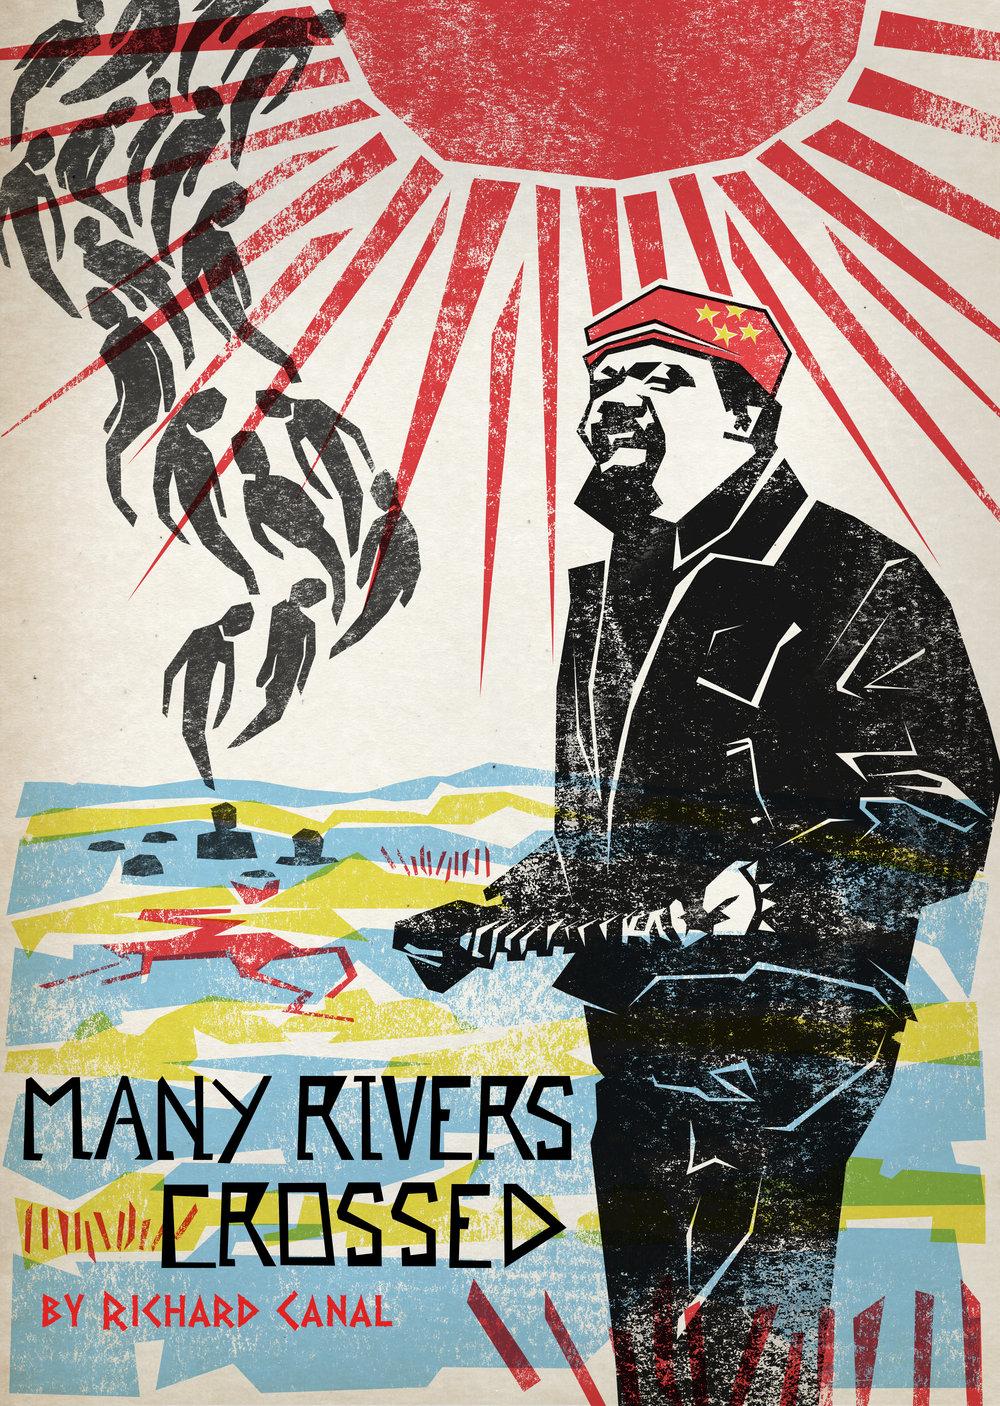 Many rivers crossed.jpg